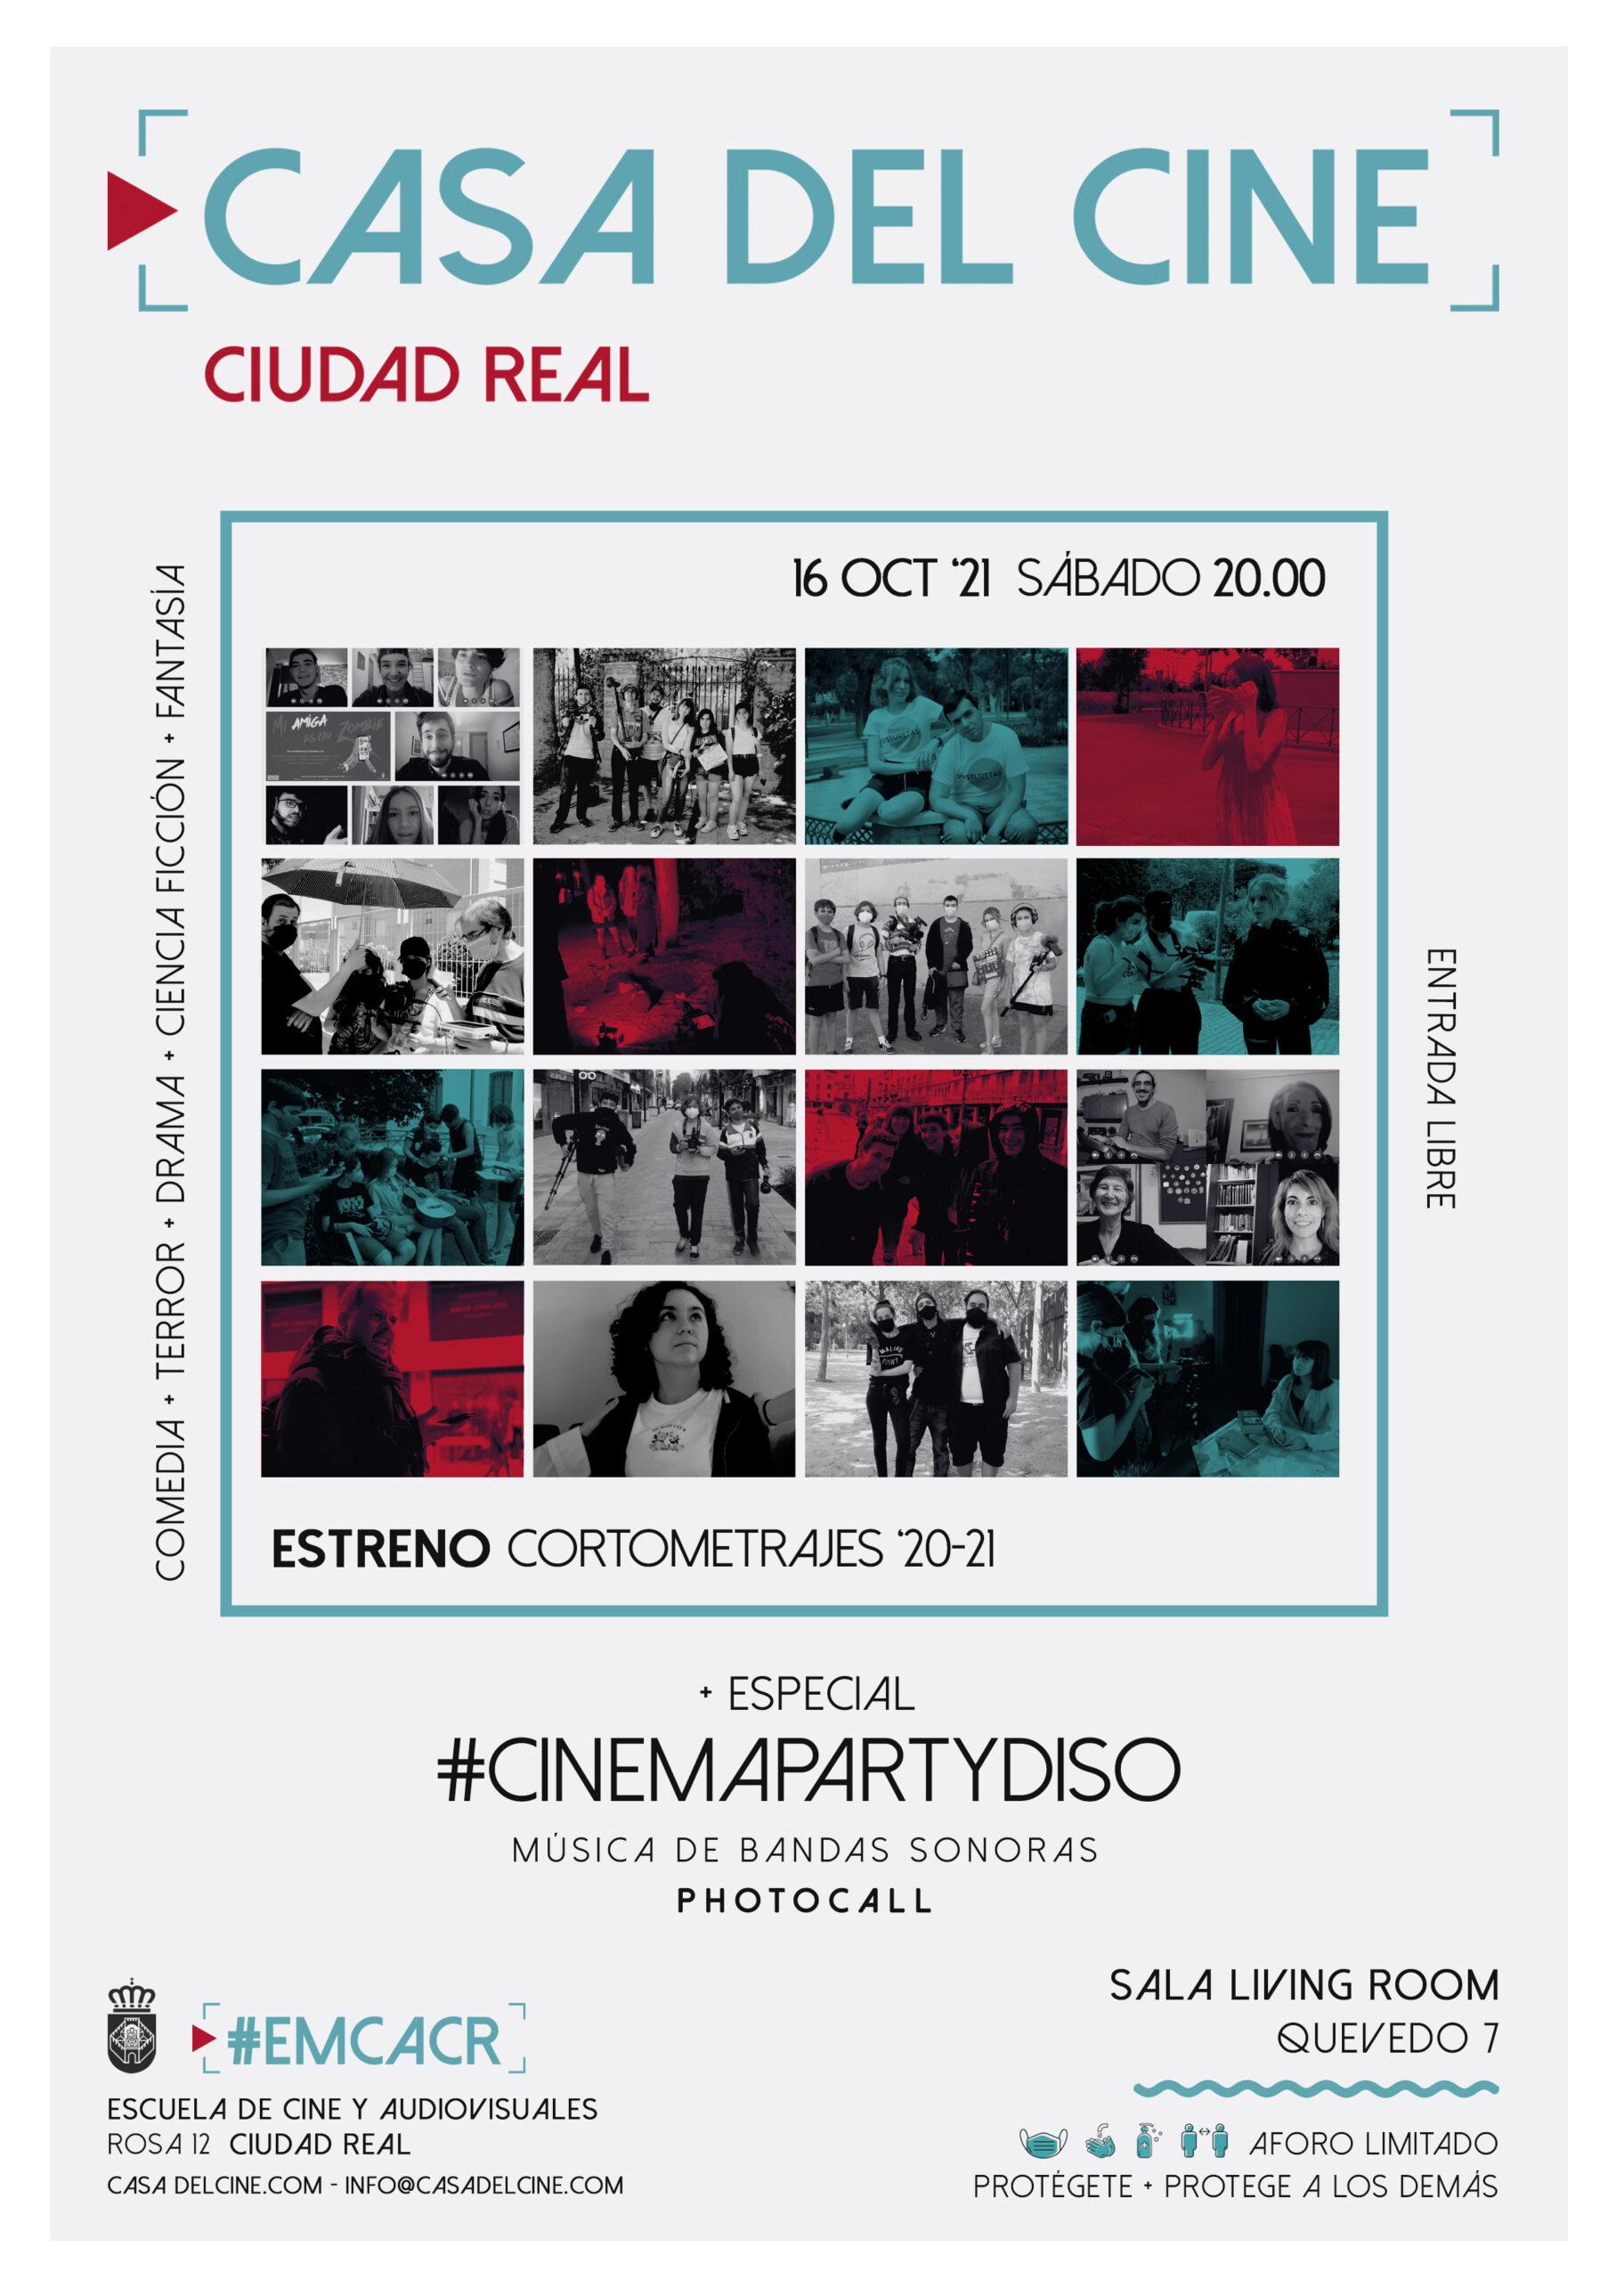 Estreno Cortometrajes '20-21 + #CinemaPartydiso